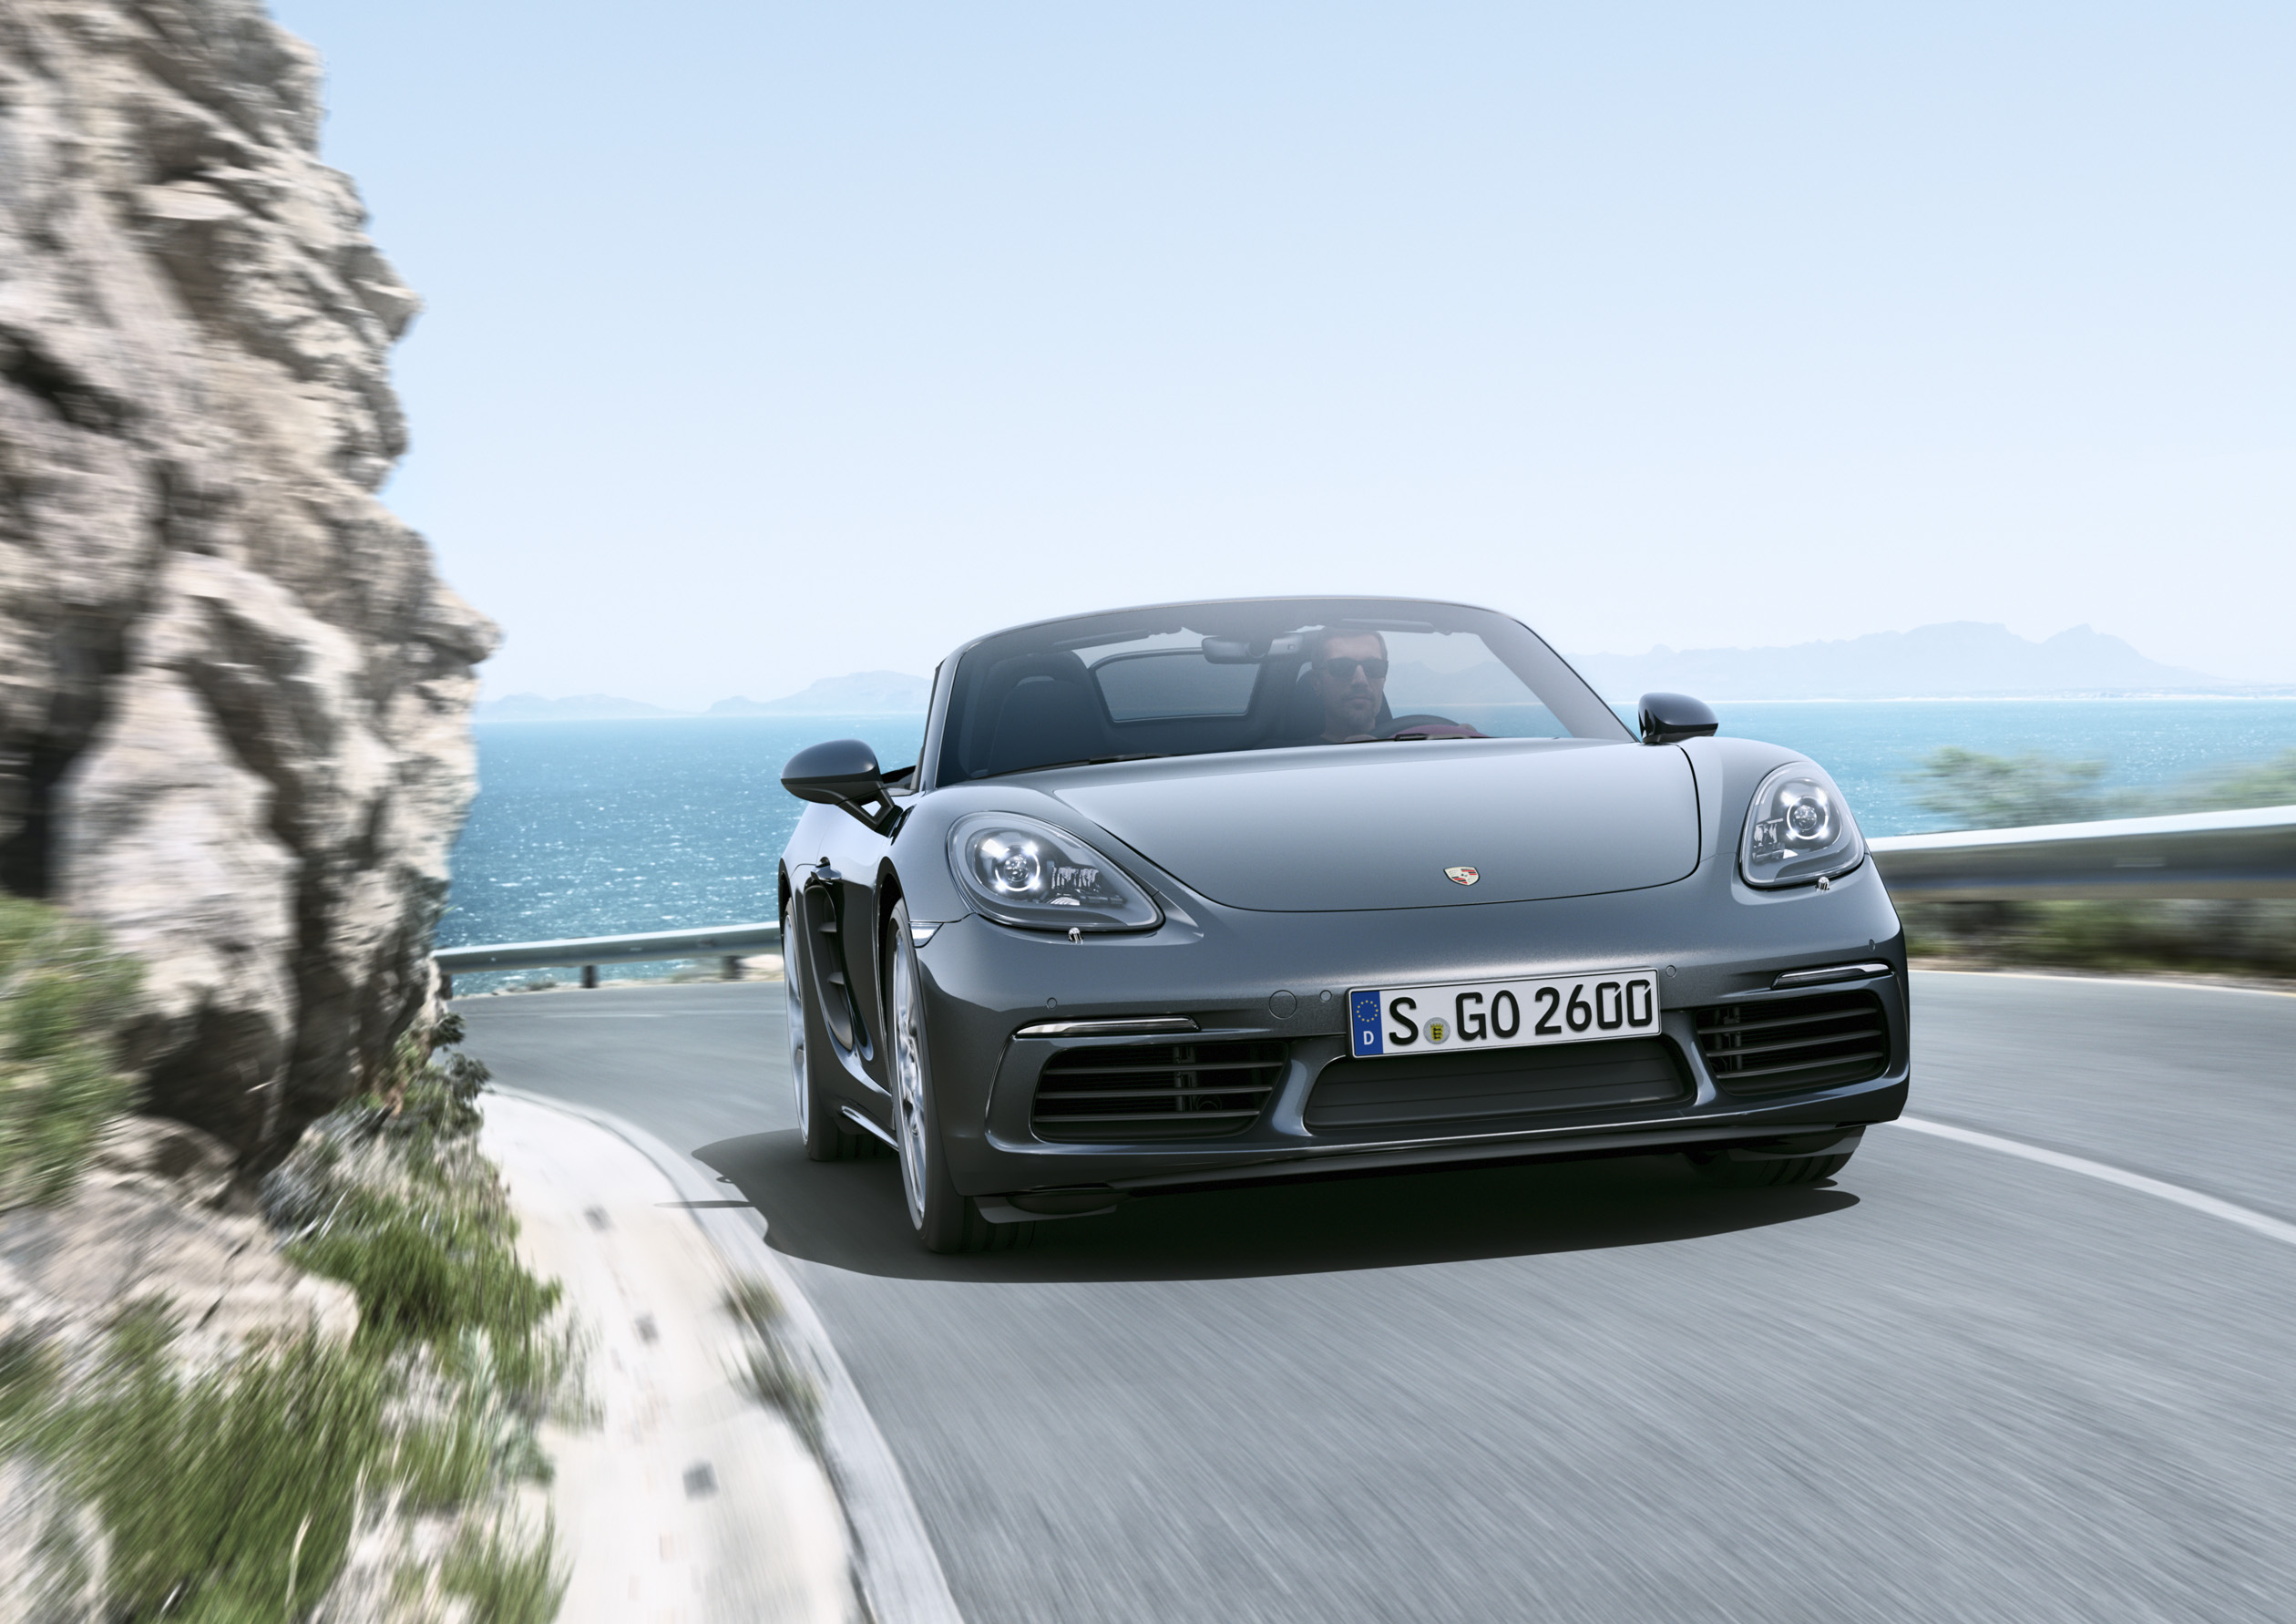 Porsche 718 Boxster - Dörd silindrli mühərriklərə malik yeni orta motorlu rodsterlər